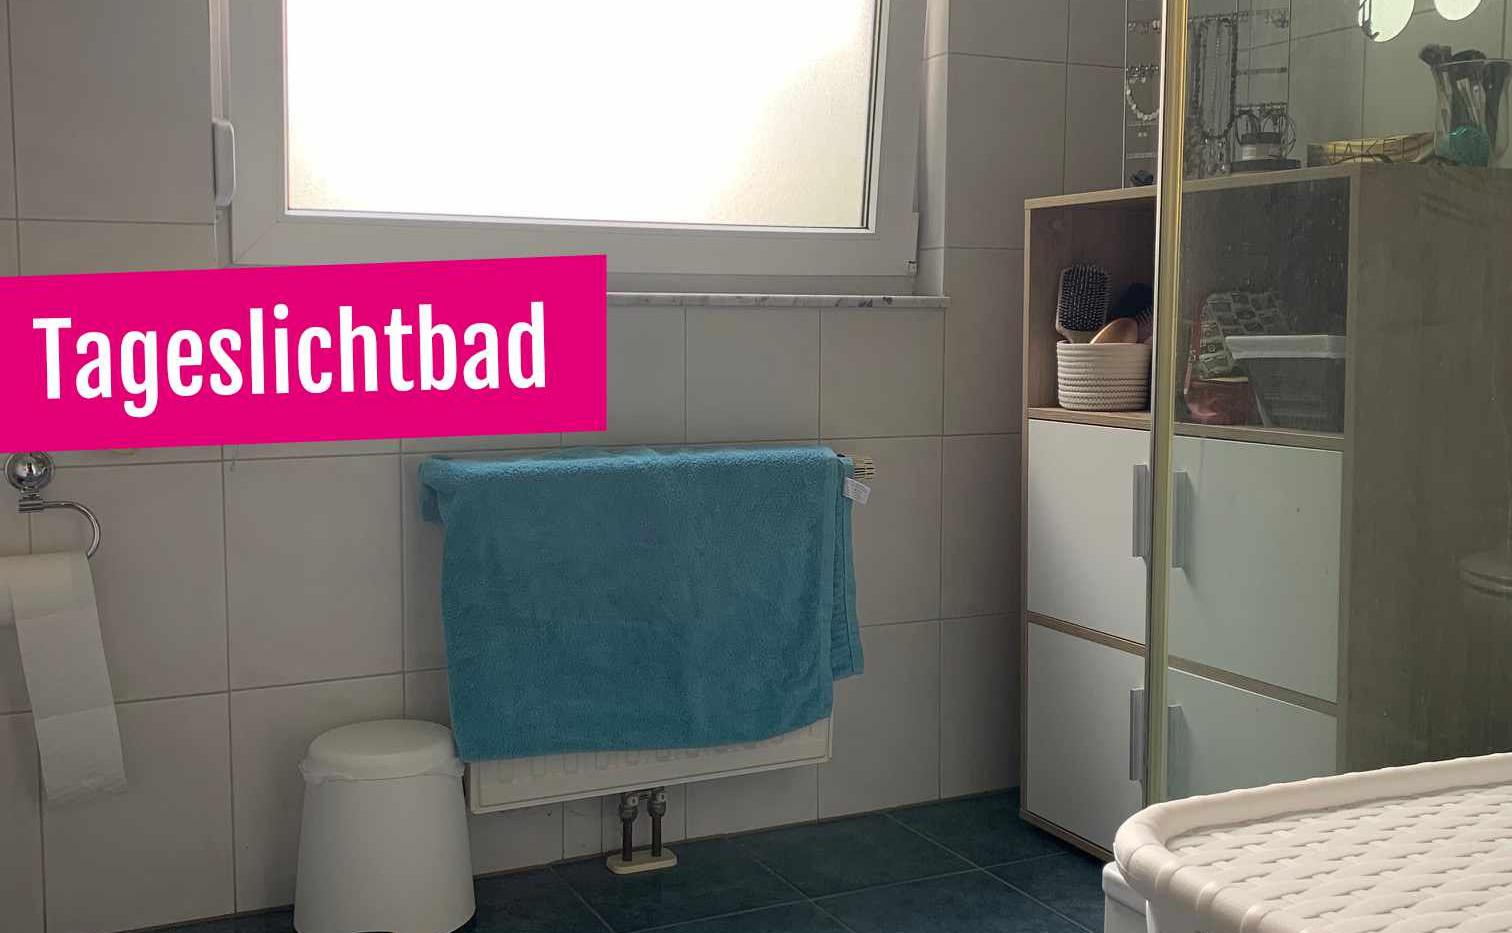 Wohnweisend_Immobilien_Bad_WVME520HB.jpg